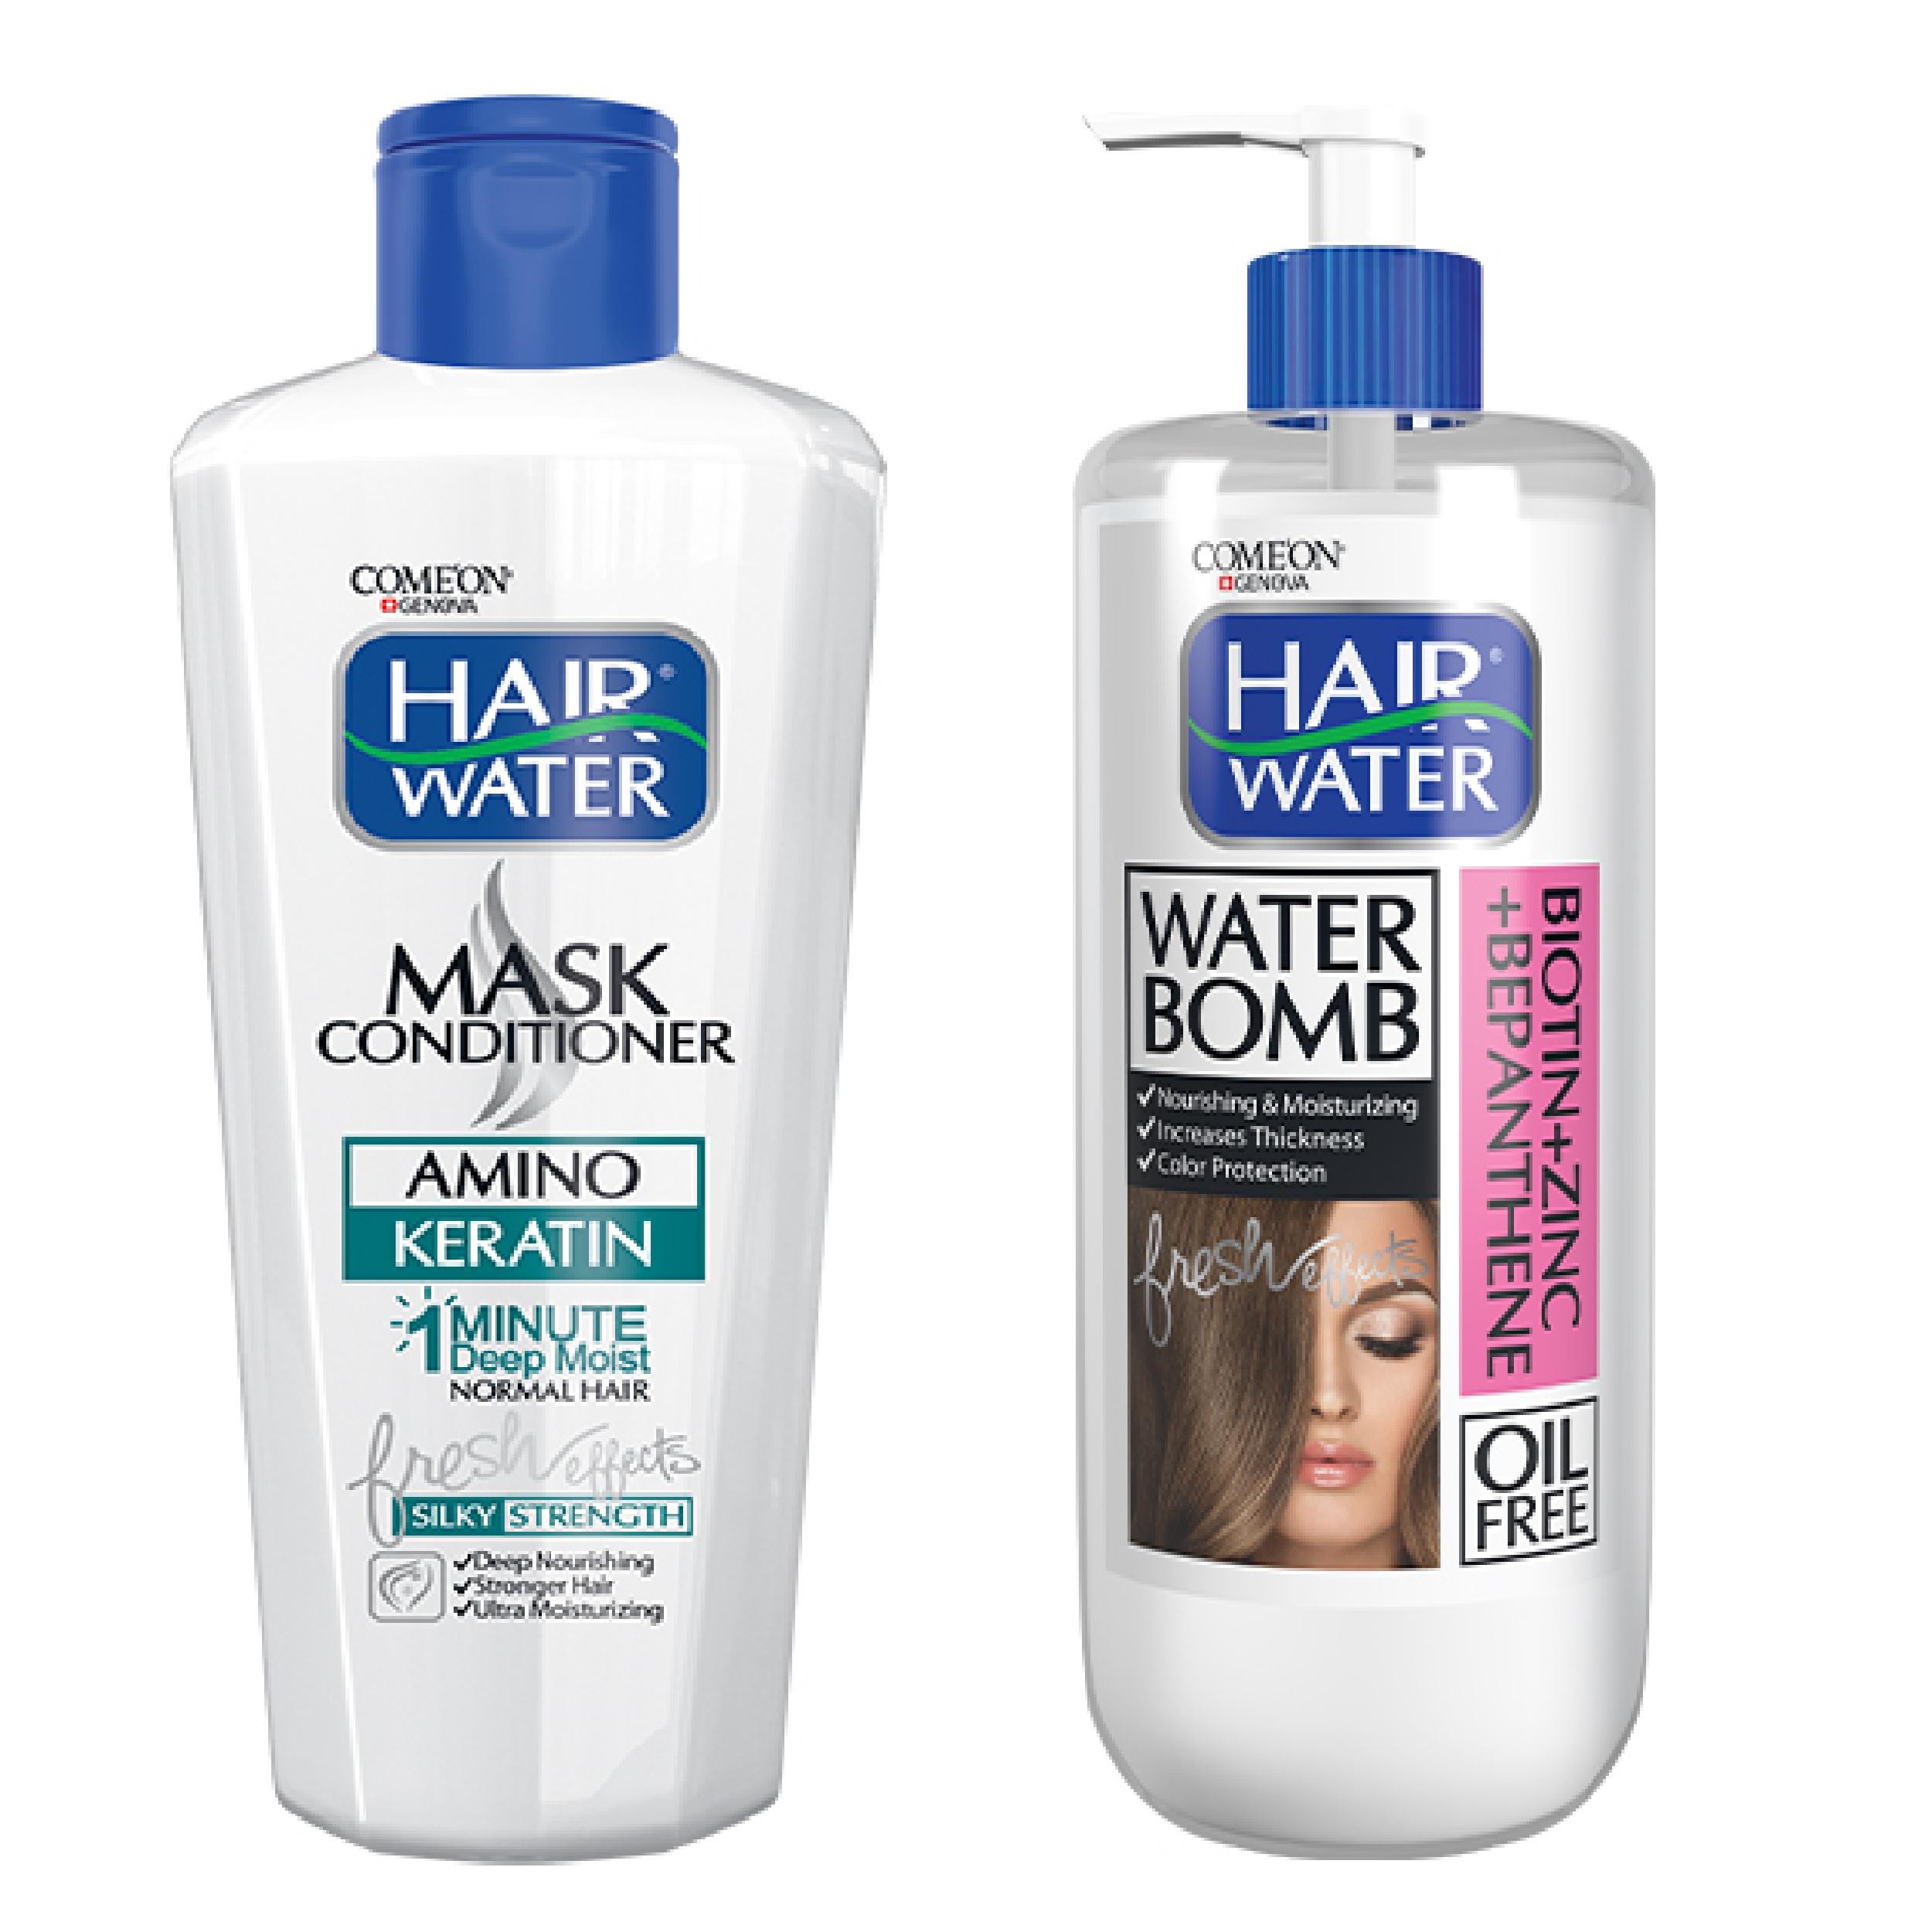 ماسک مو کامان مدل Keratin حجم 400 میلی لیتر به همراه کرم آبرسان مو کامان مدل Bio Ten Hair Water حجم 400 میلی لیتر